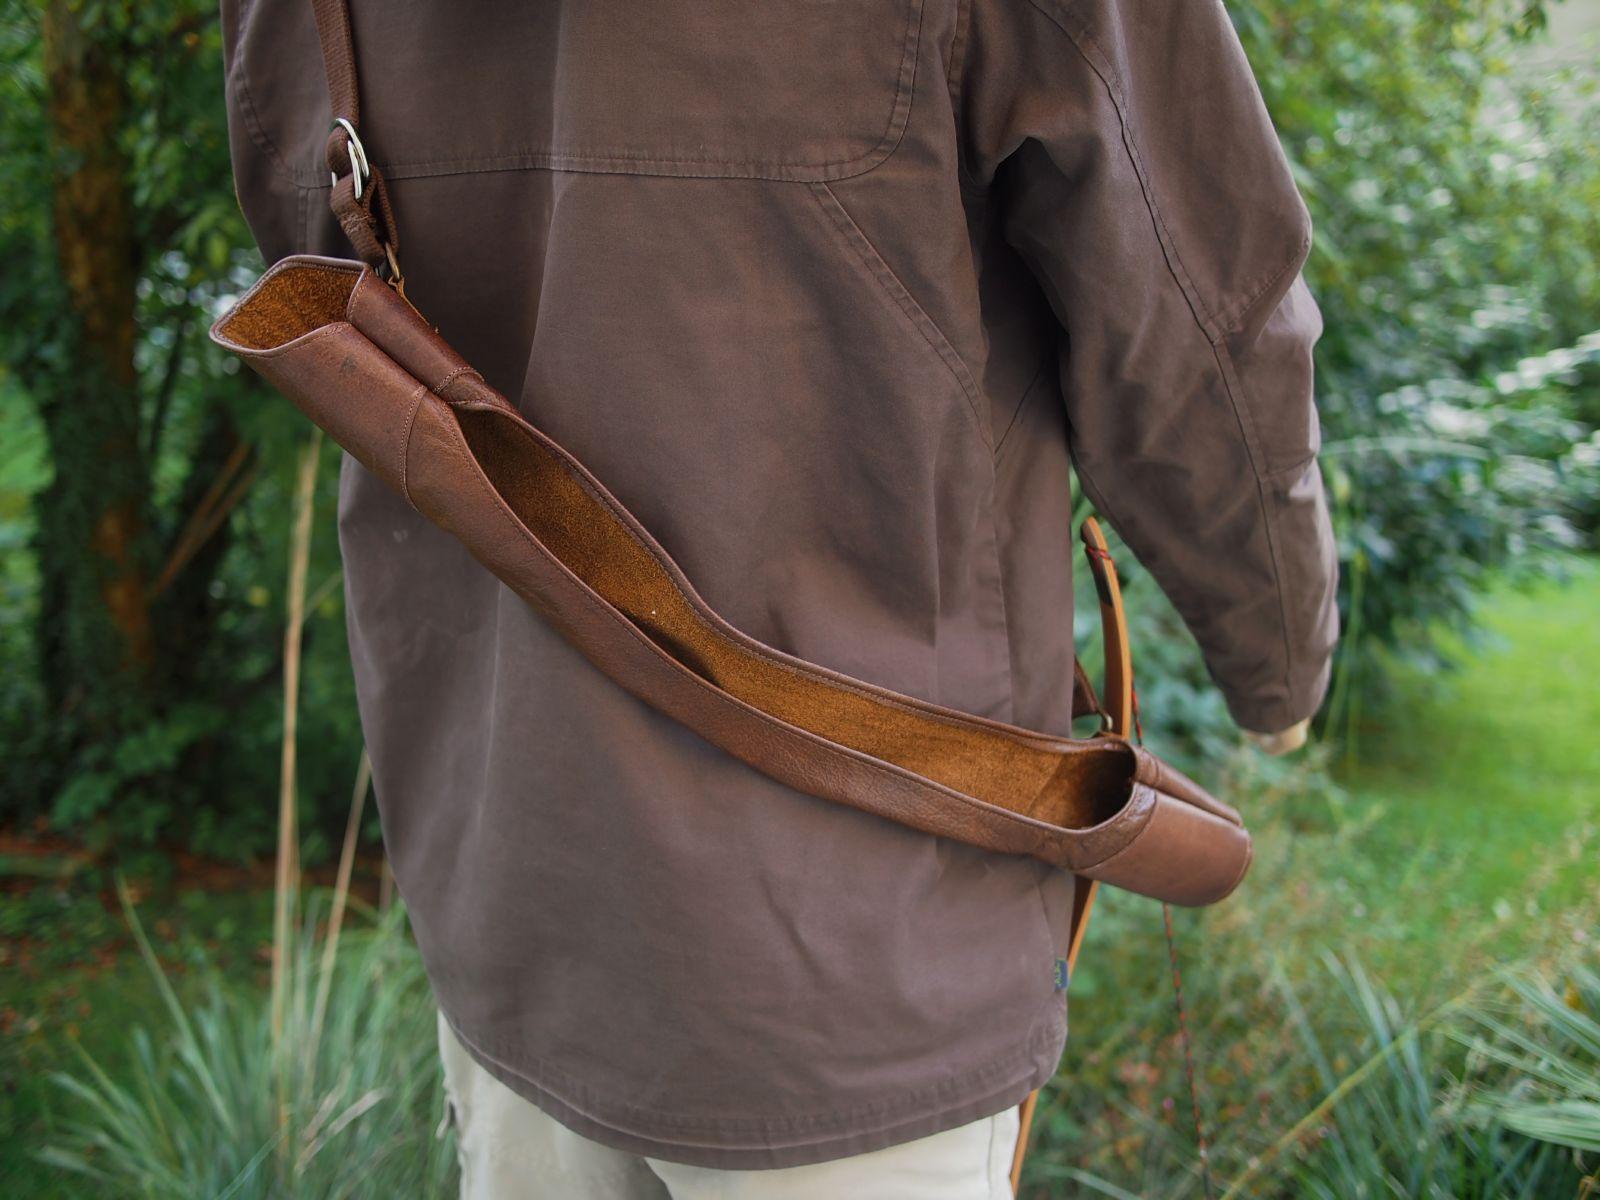 Upshot Archery Sidedraw Quiver - Ohne Pfeile